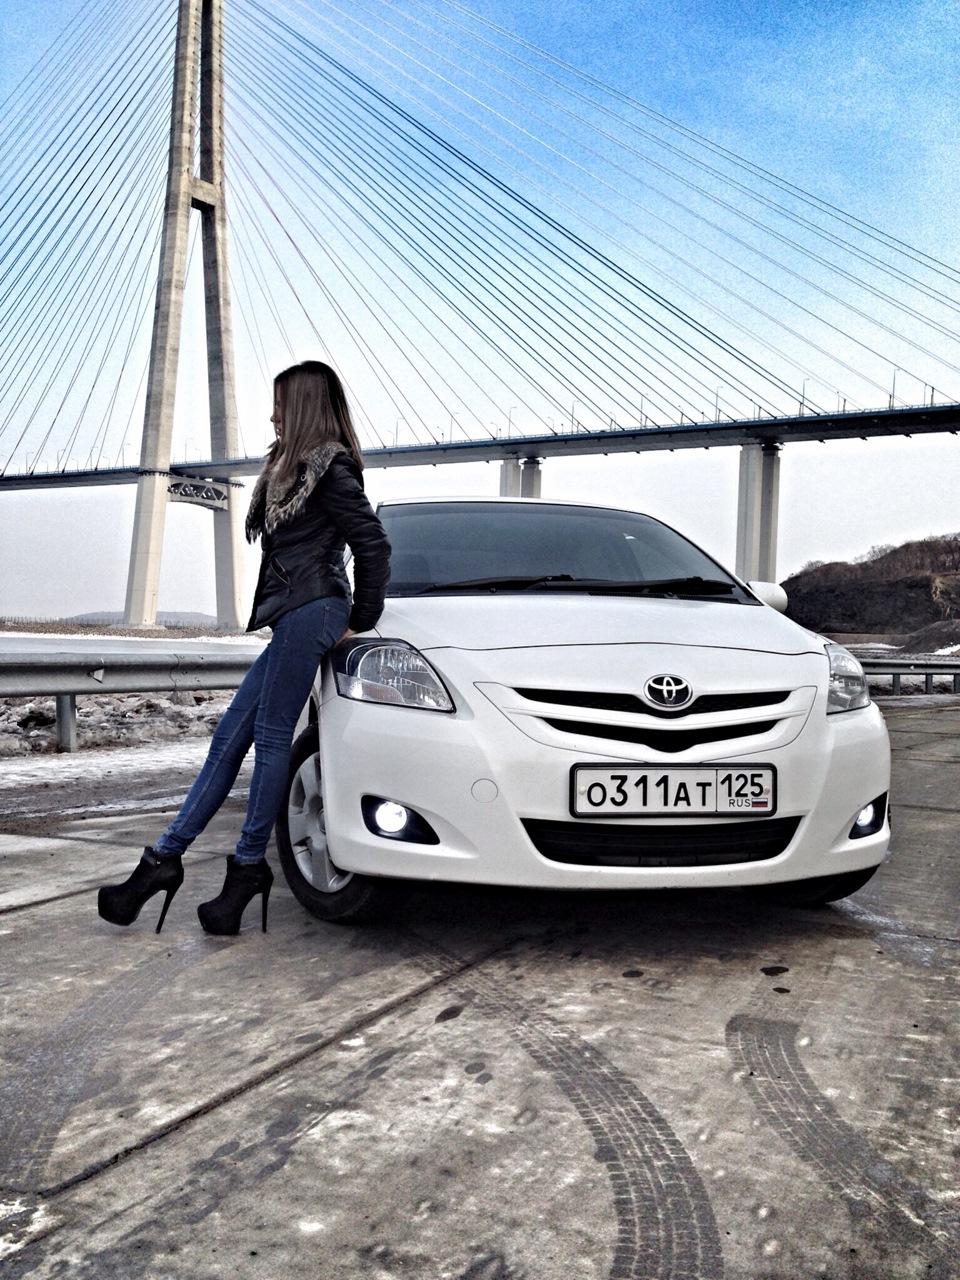 Красивые фотки зимой с машиной фото 451-785